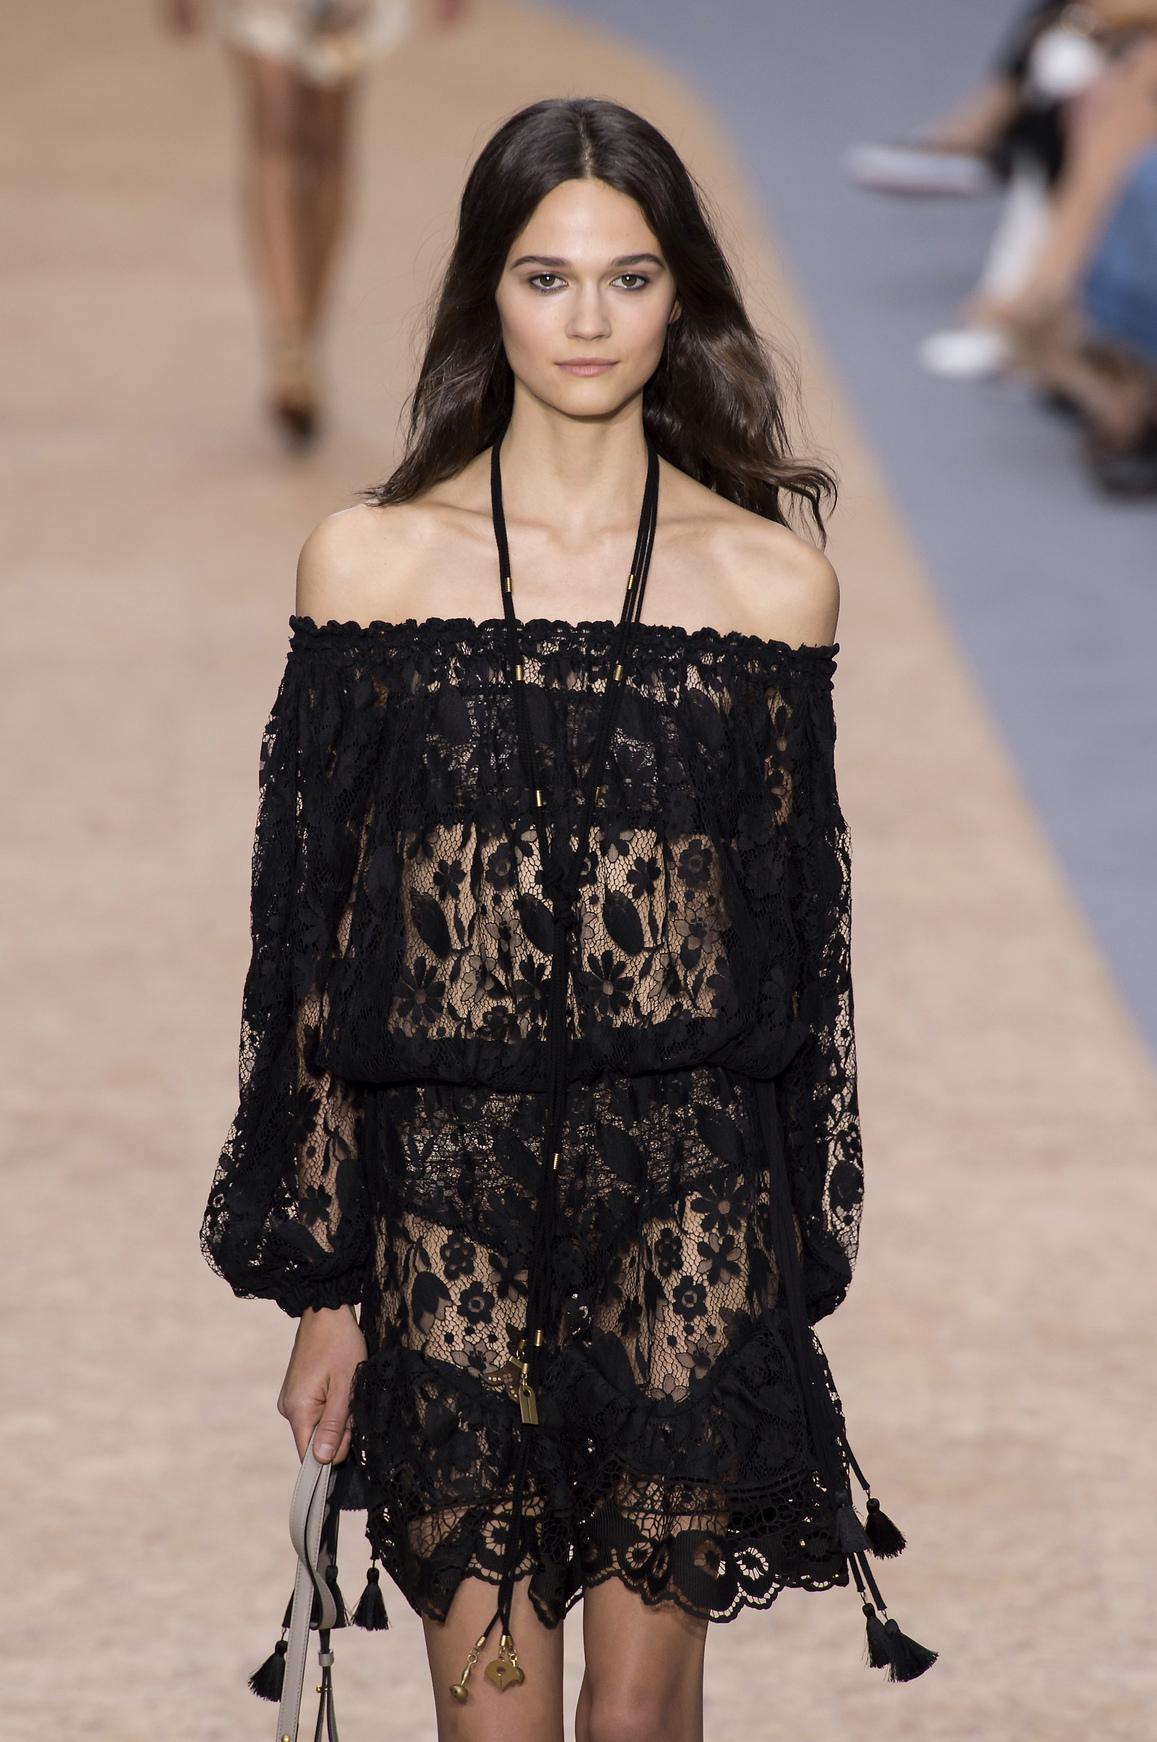 Czarna sukienka z hiszpańskim dekoltem, Chloé, wiosna/lato 2016